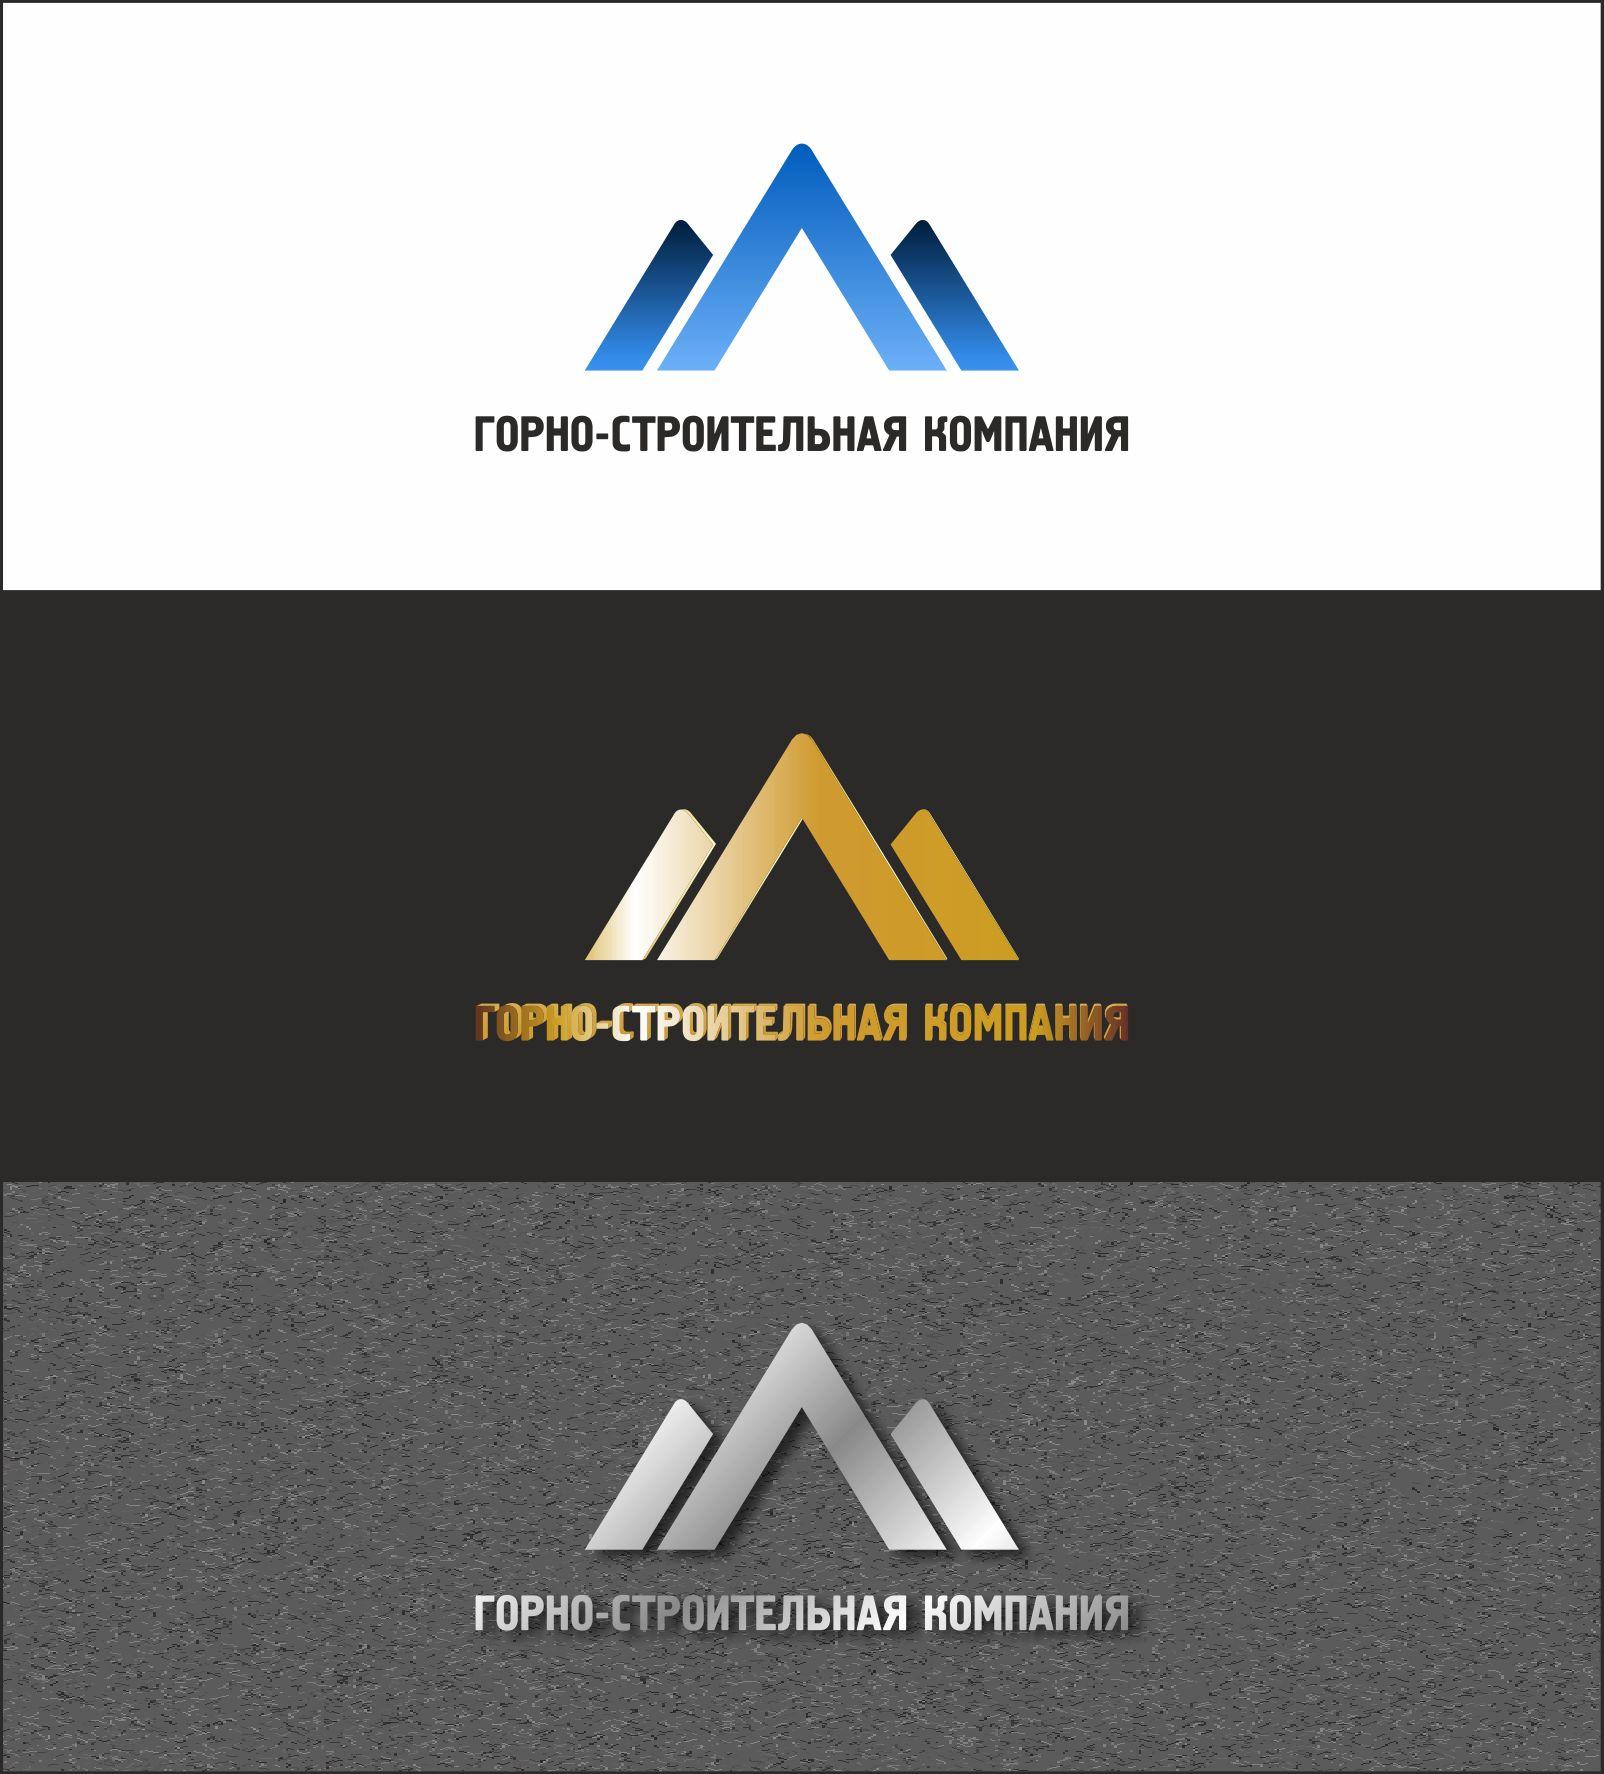 Логотип для Горно-Строительной Компании - дизайнер Elena-Kroka